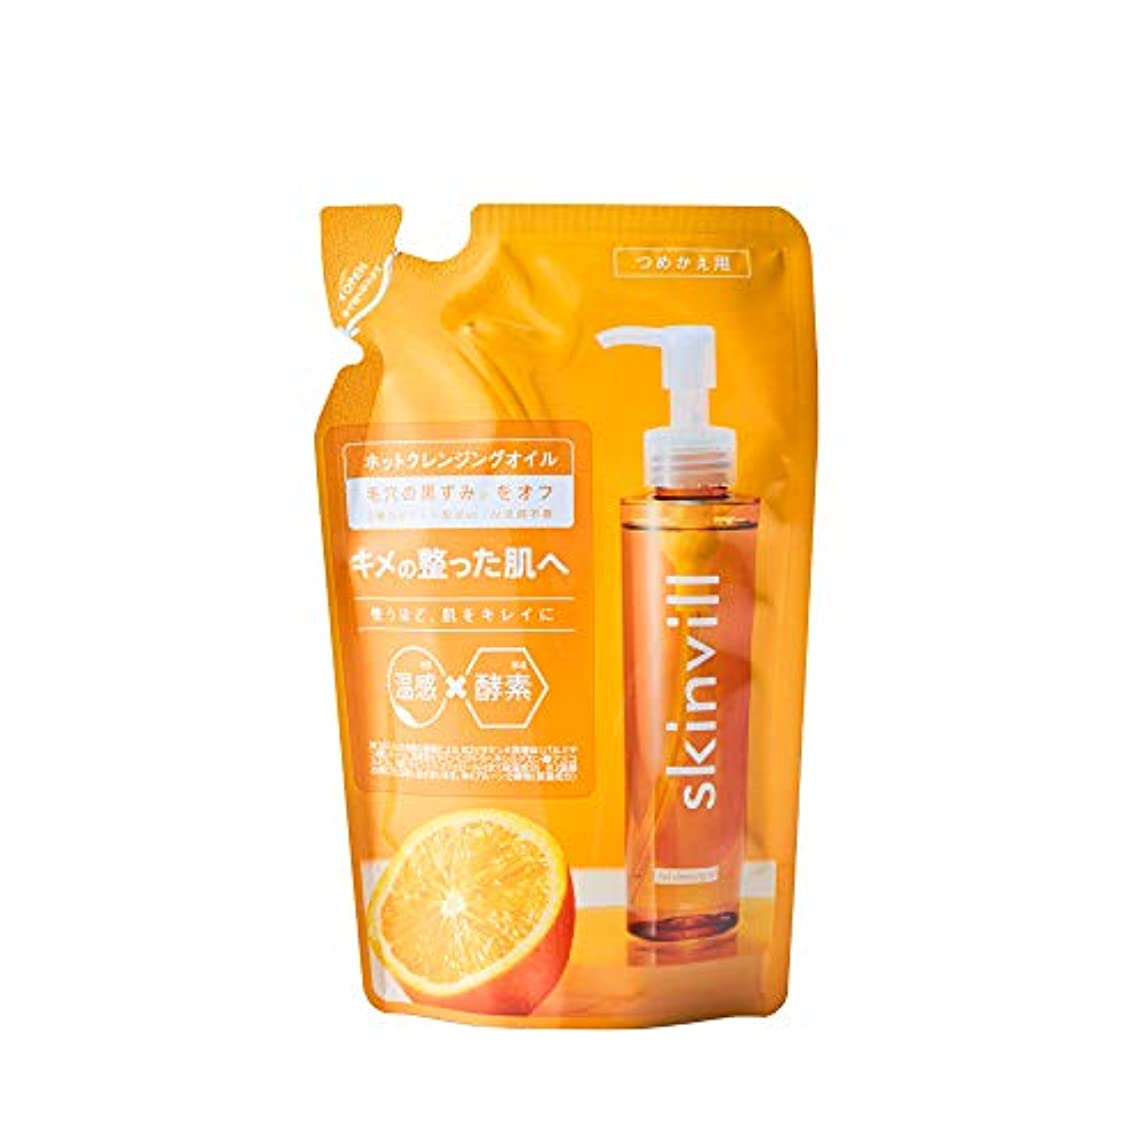 分離カップルビヨンskinvill スキンビル ホットクレンジングオイル 詰め替えパウチ 130mL シトラスオレンジの香り